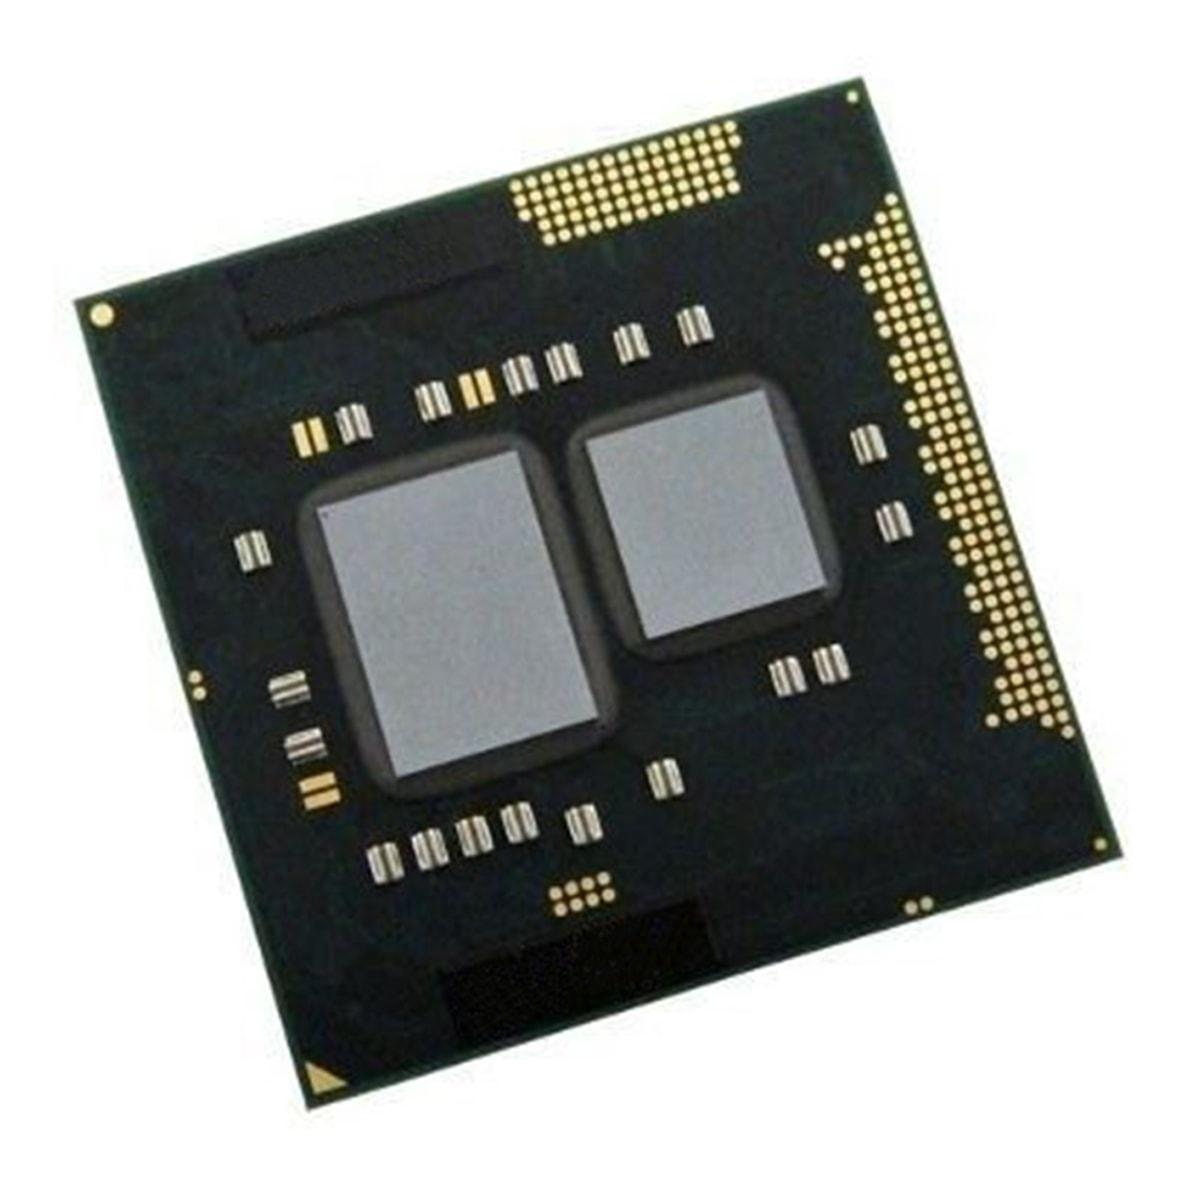 Processador Notebook Intel i3-380M 3M Cache / 2.53 GHZ / 2.5 GT/s DMI - Seminovo